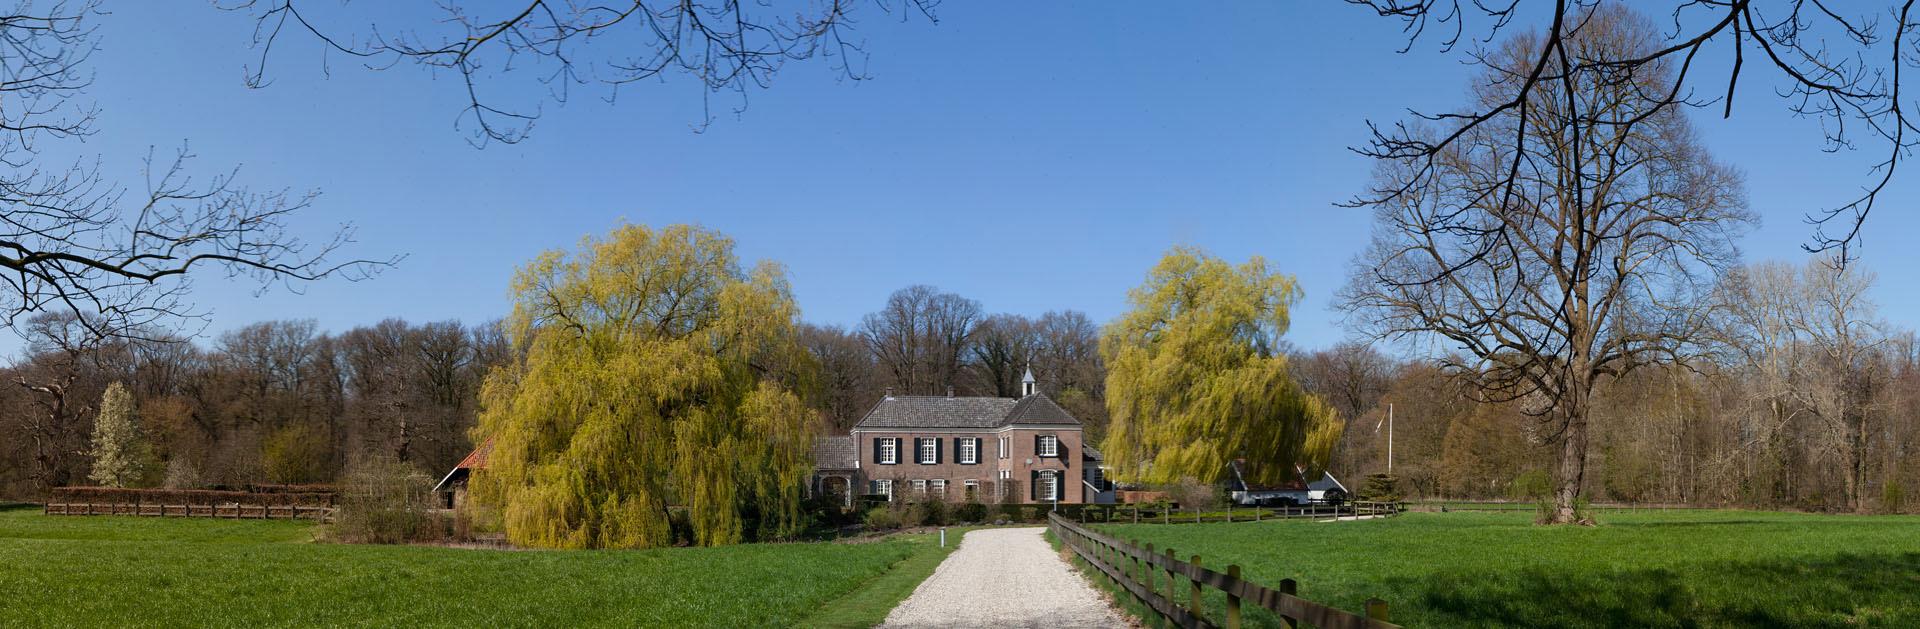 Huize de Byvanck - Beek Regio Achterhoek - Liemers